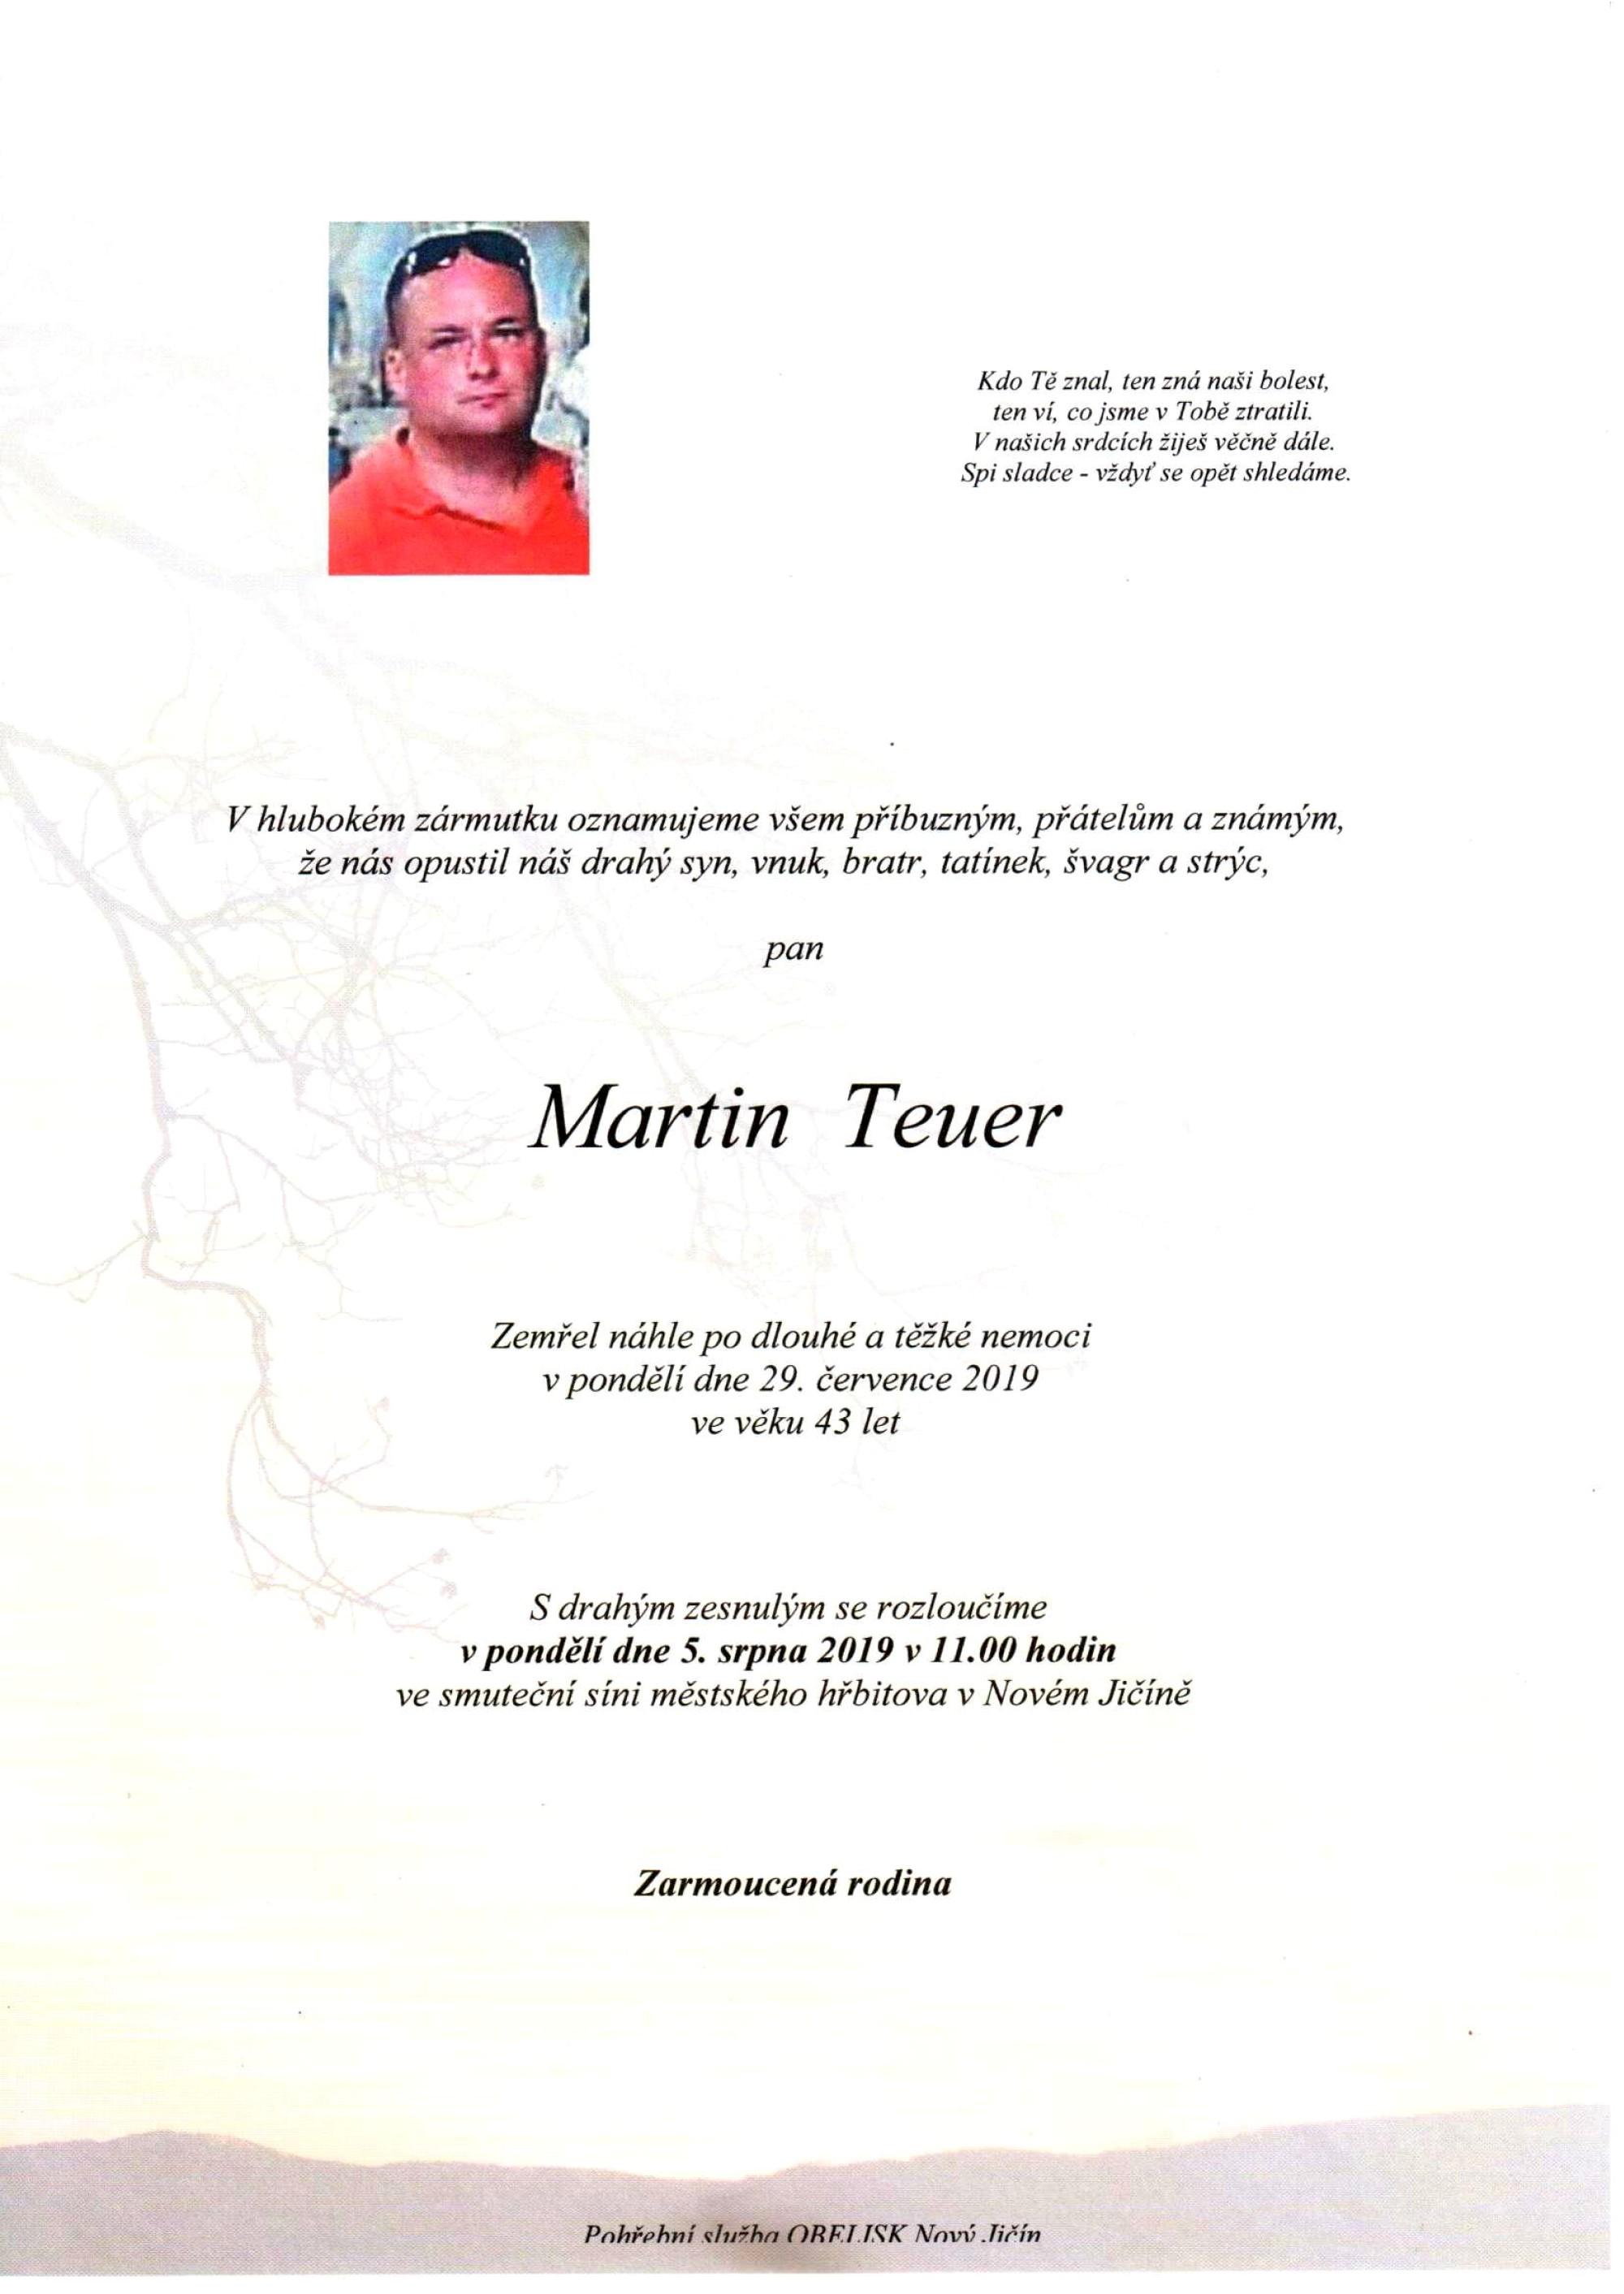 Martin Teuer